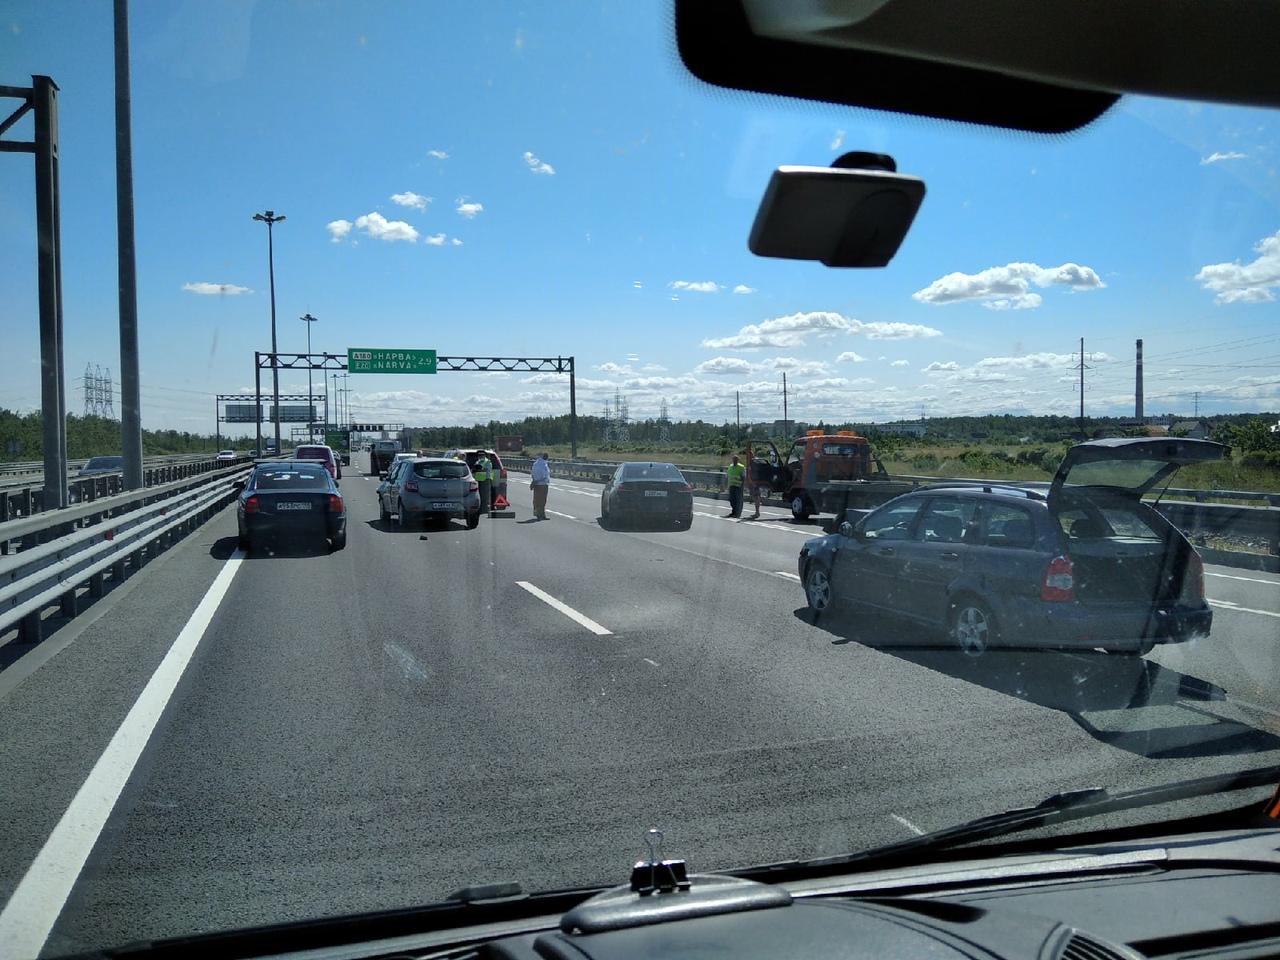 ДТП из 4-х автомобилей на 81-м км внешней стороны КАД. Полностью перекрыт средний ряд и частично п...